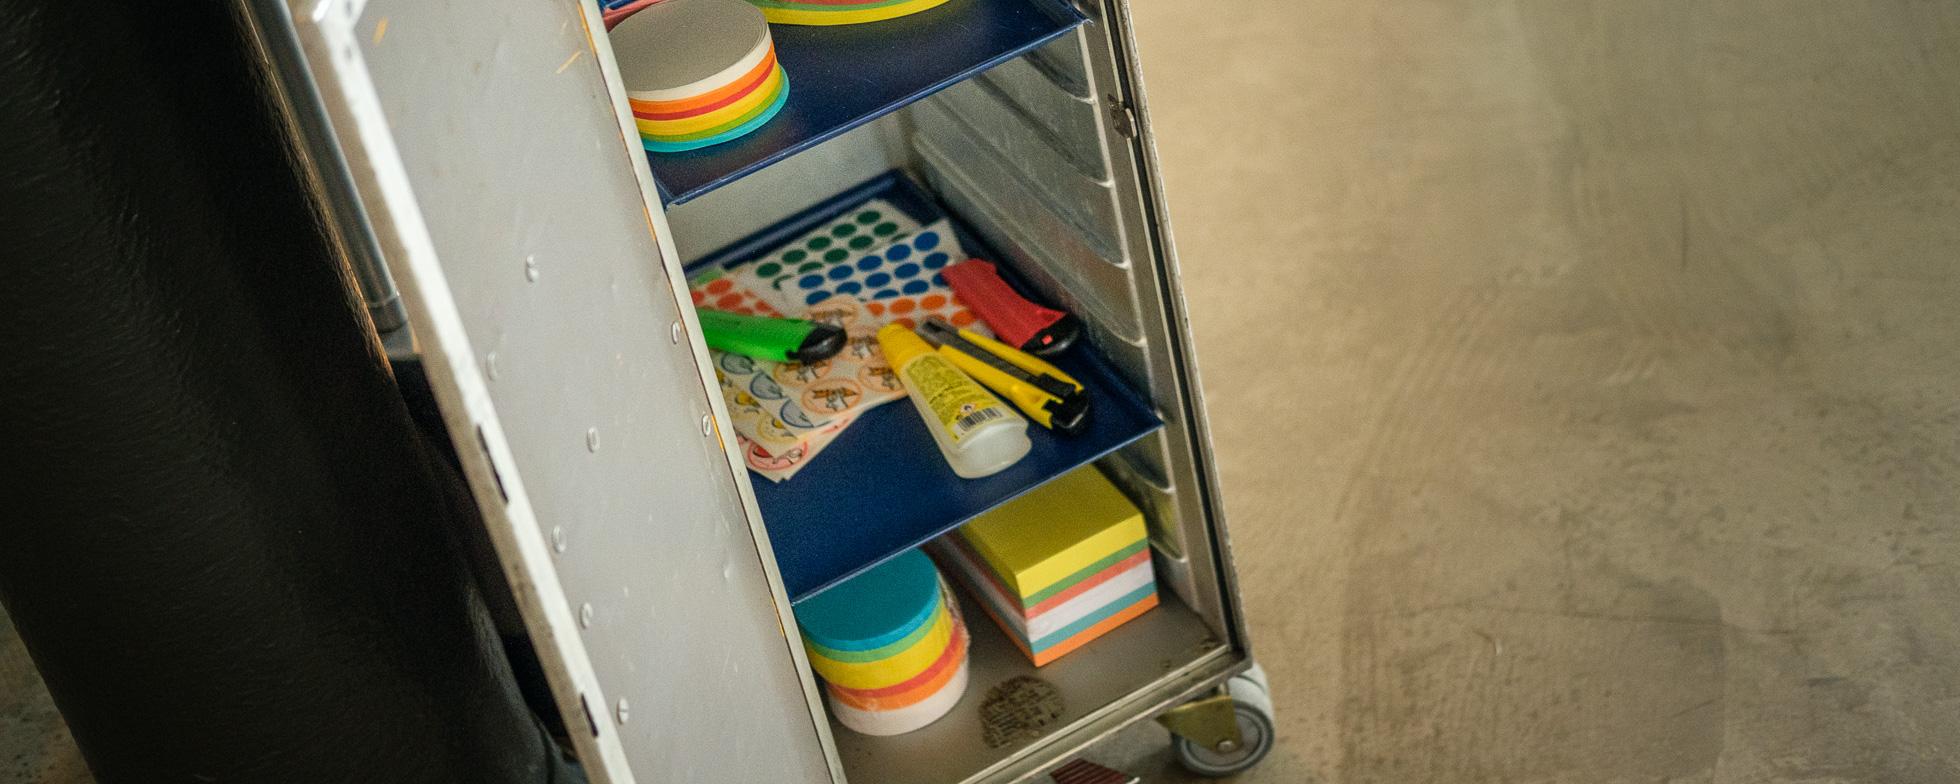 Detailblick in einen Trolley mit Workshop-Material wie Aufkleber, Post-its, Kleber und Schere.